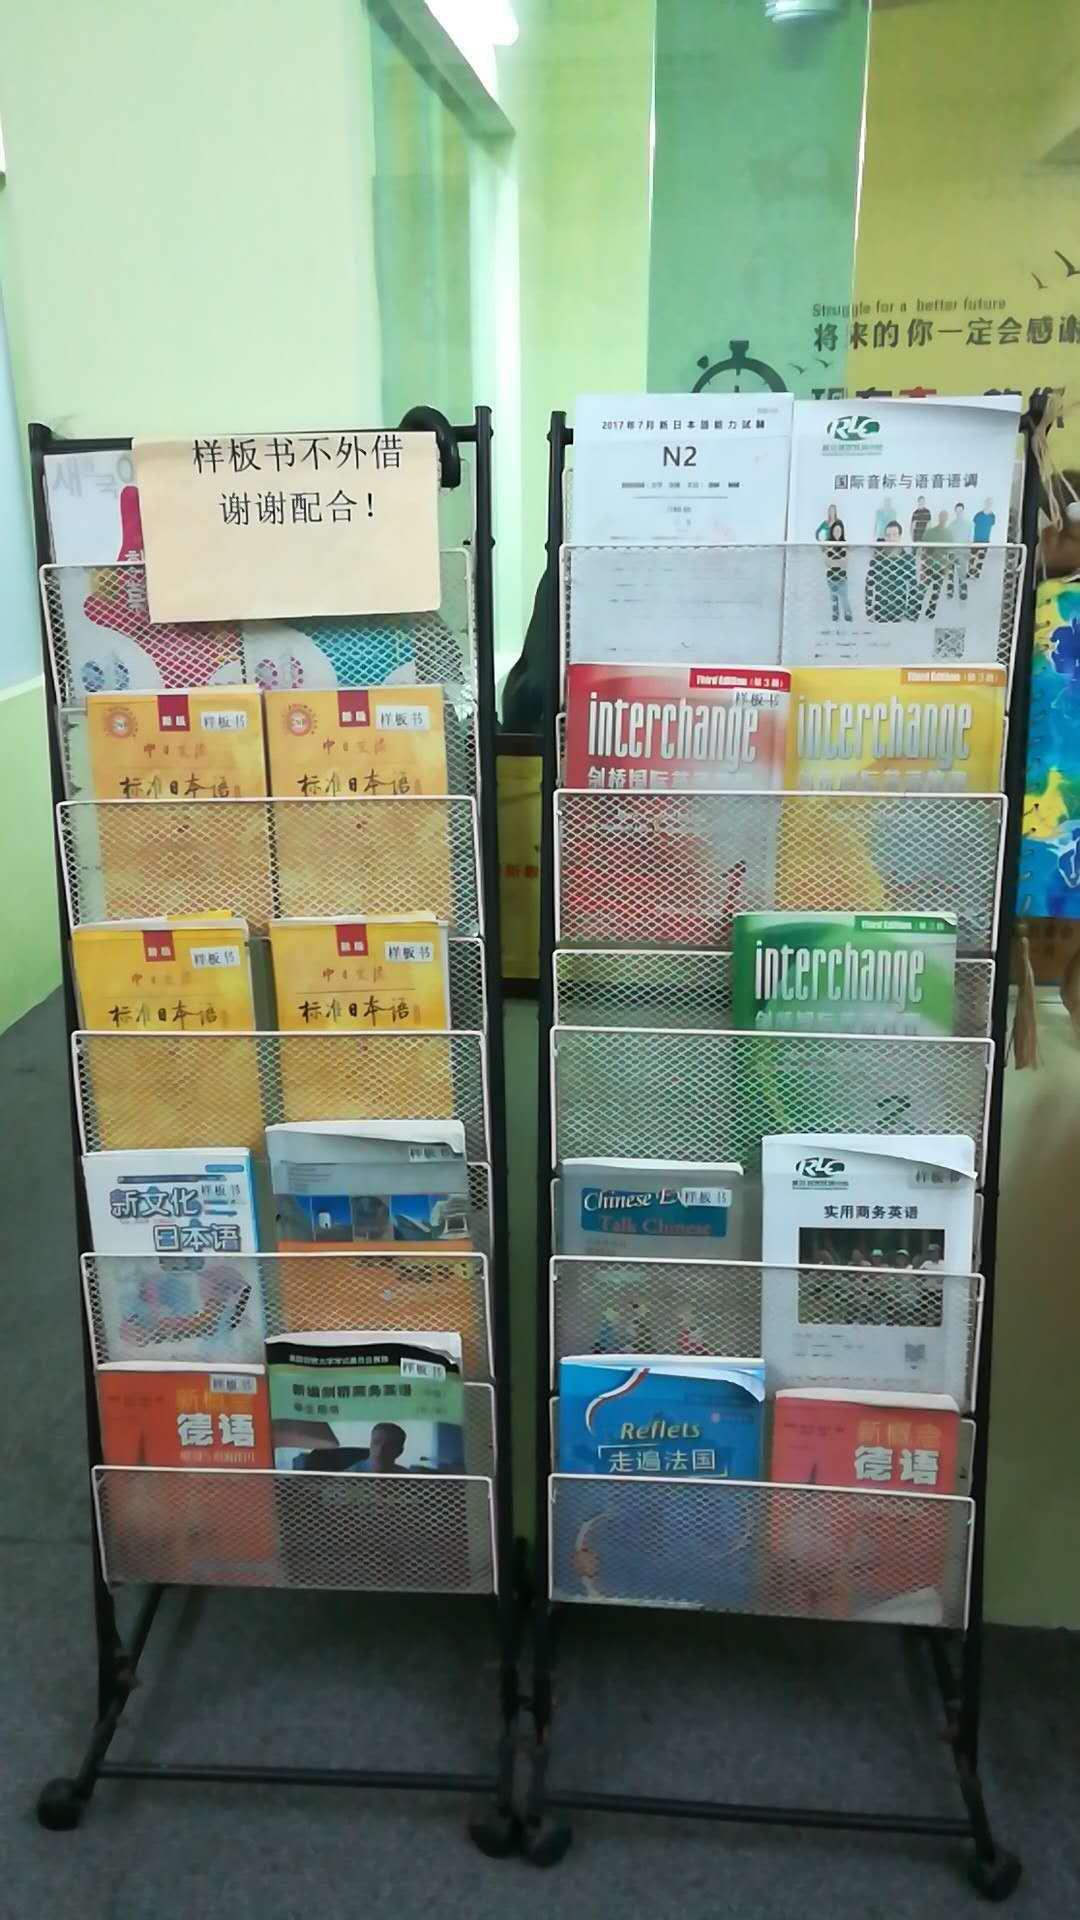 广州粤语培训